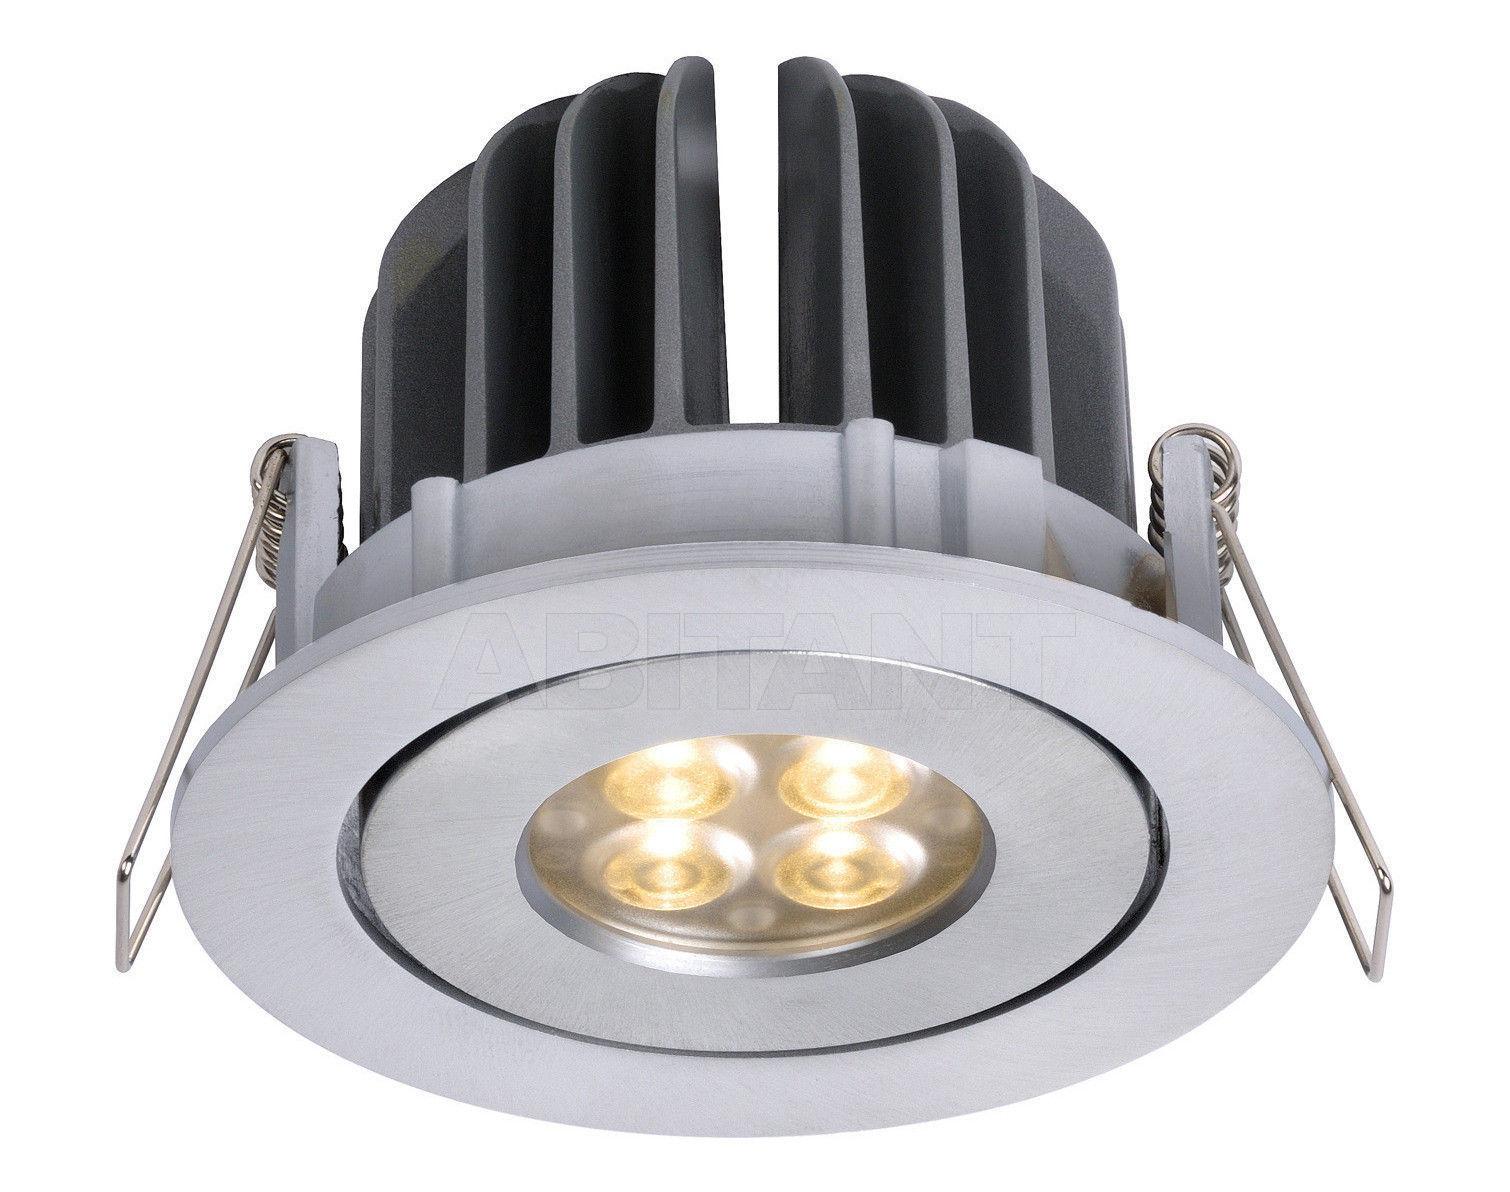 Купить Встраиваемый светильник MAXI LED Lucide  Technical 22905/14/12